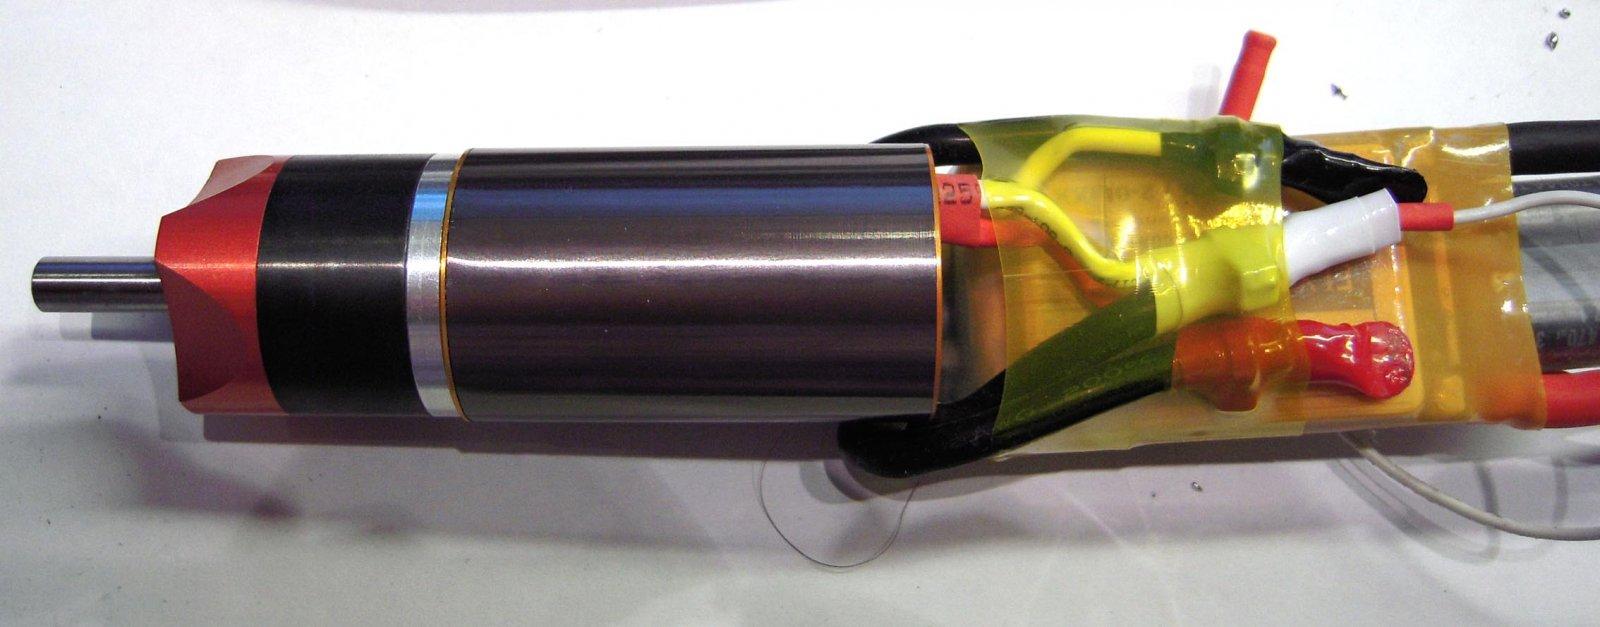 DSCN7363-LR.jpg